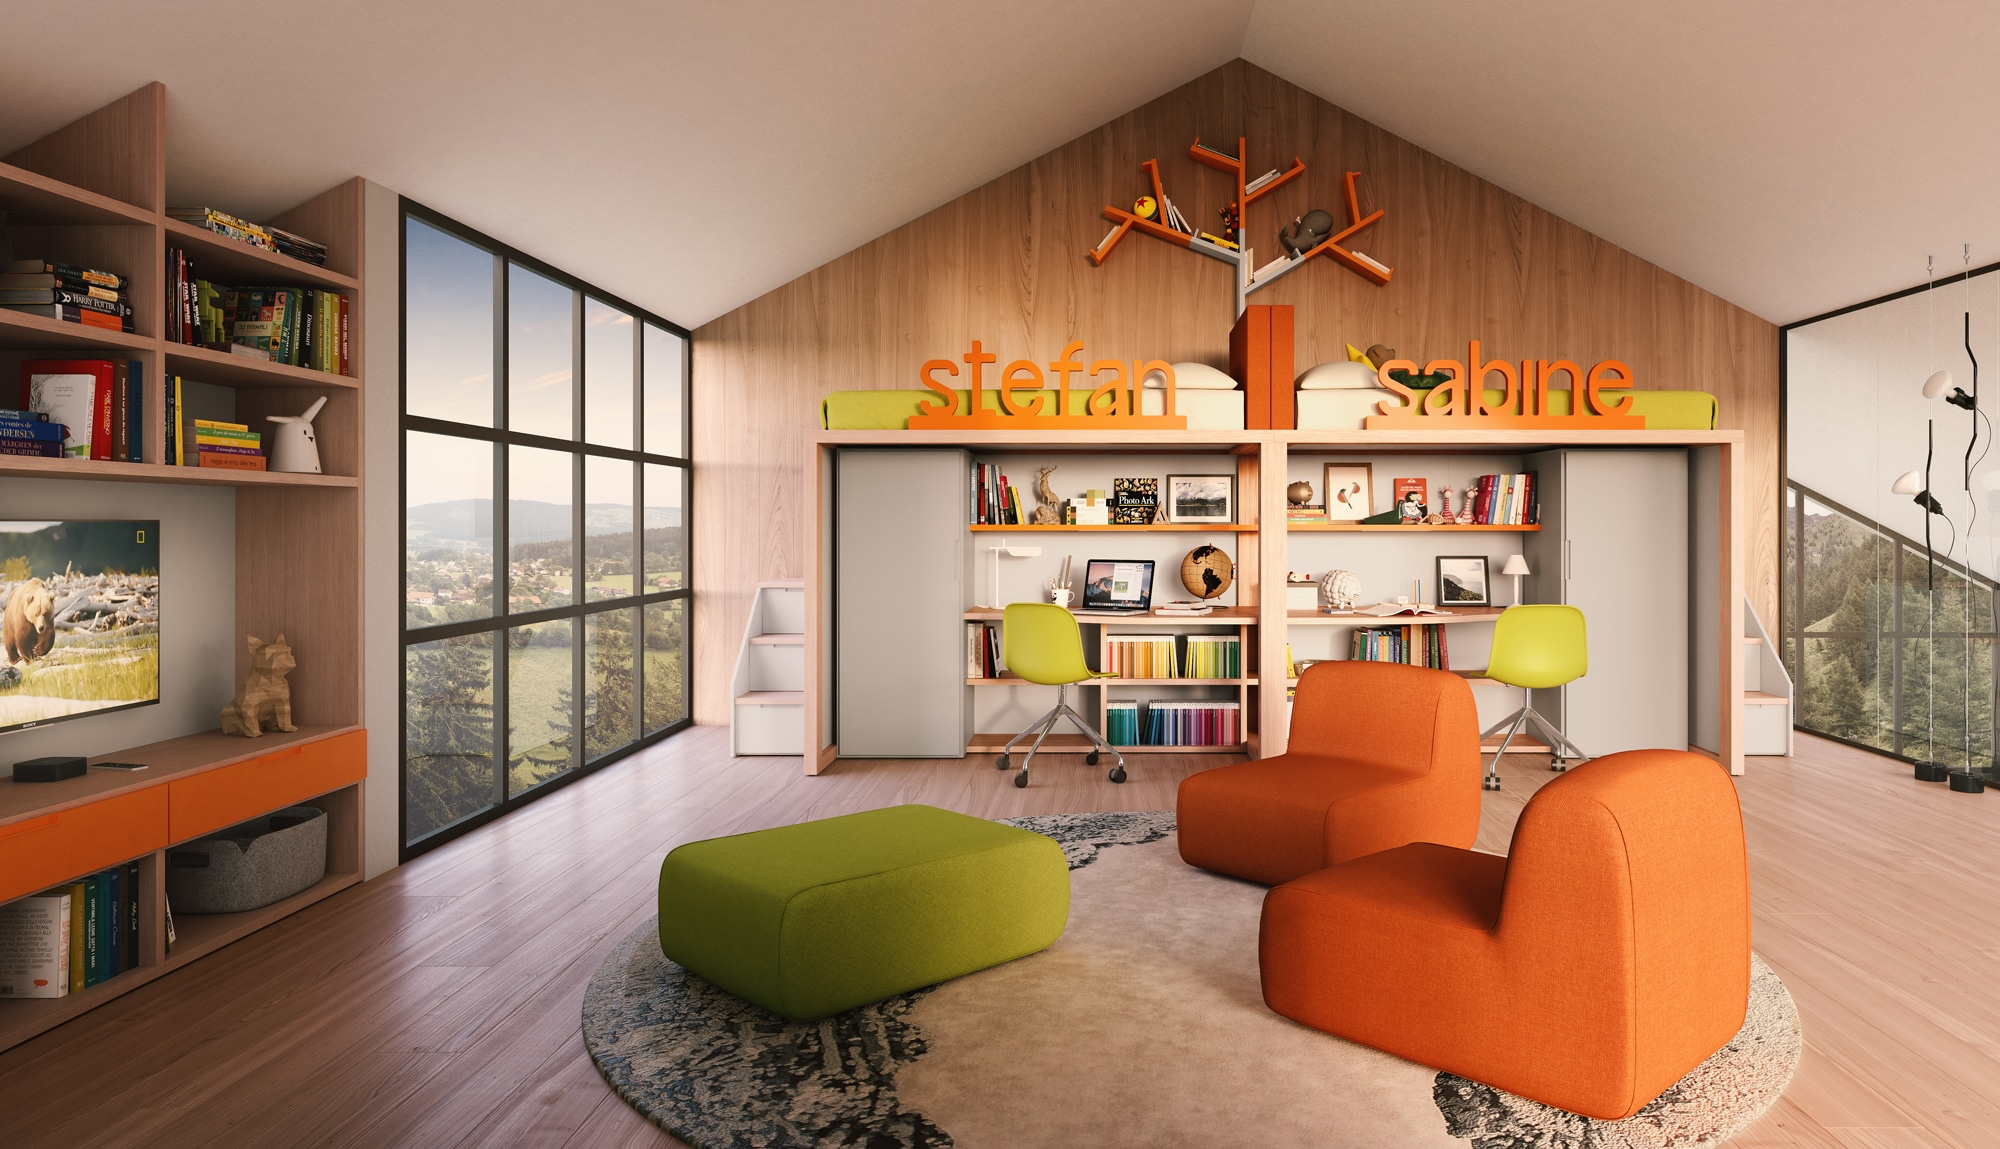 Hochbett mit Schreibtisch modernes Design